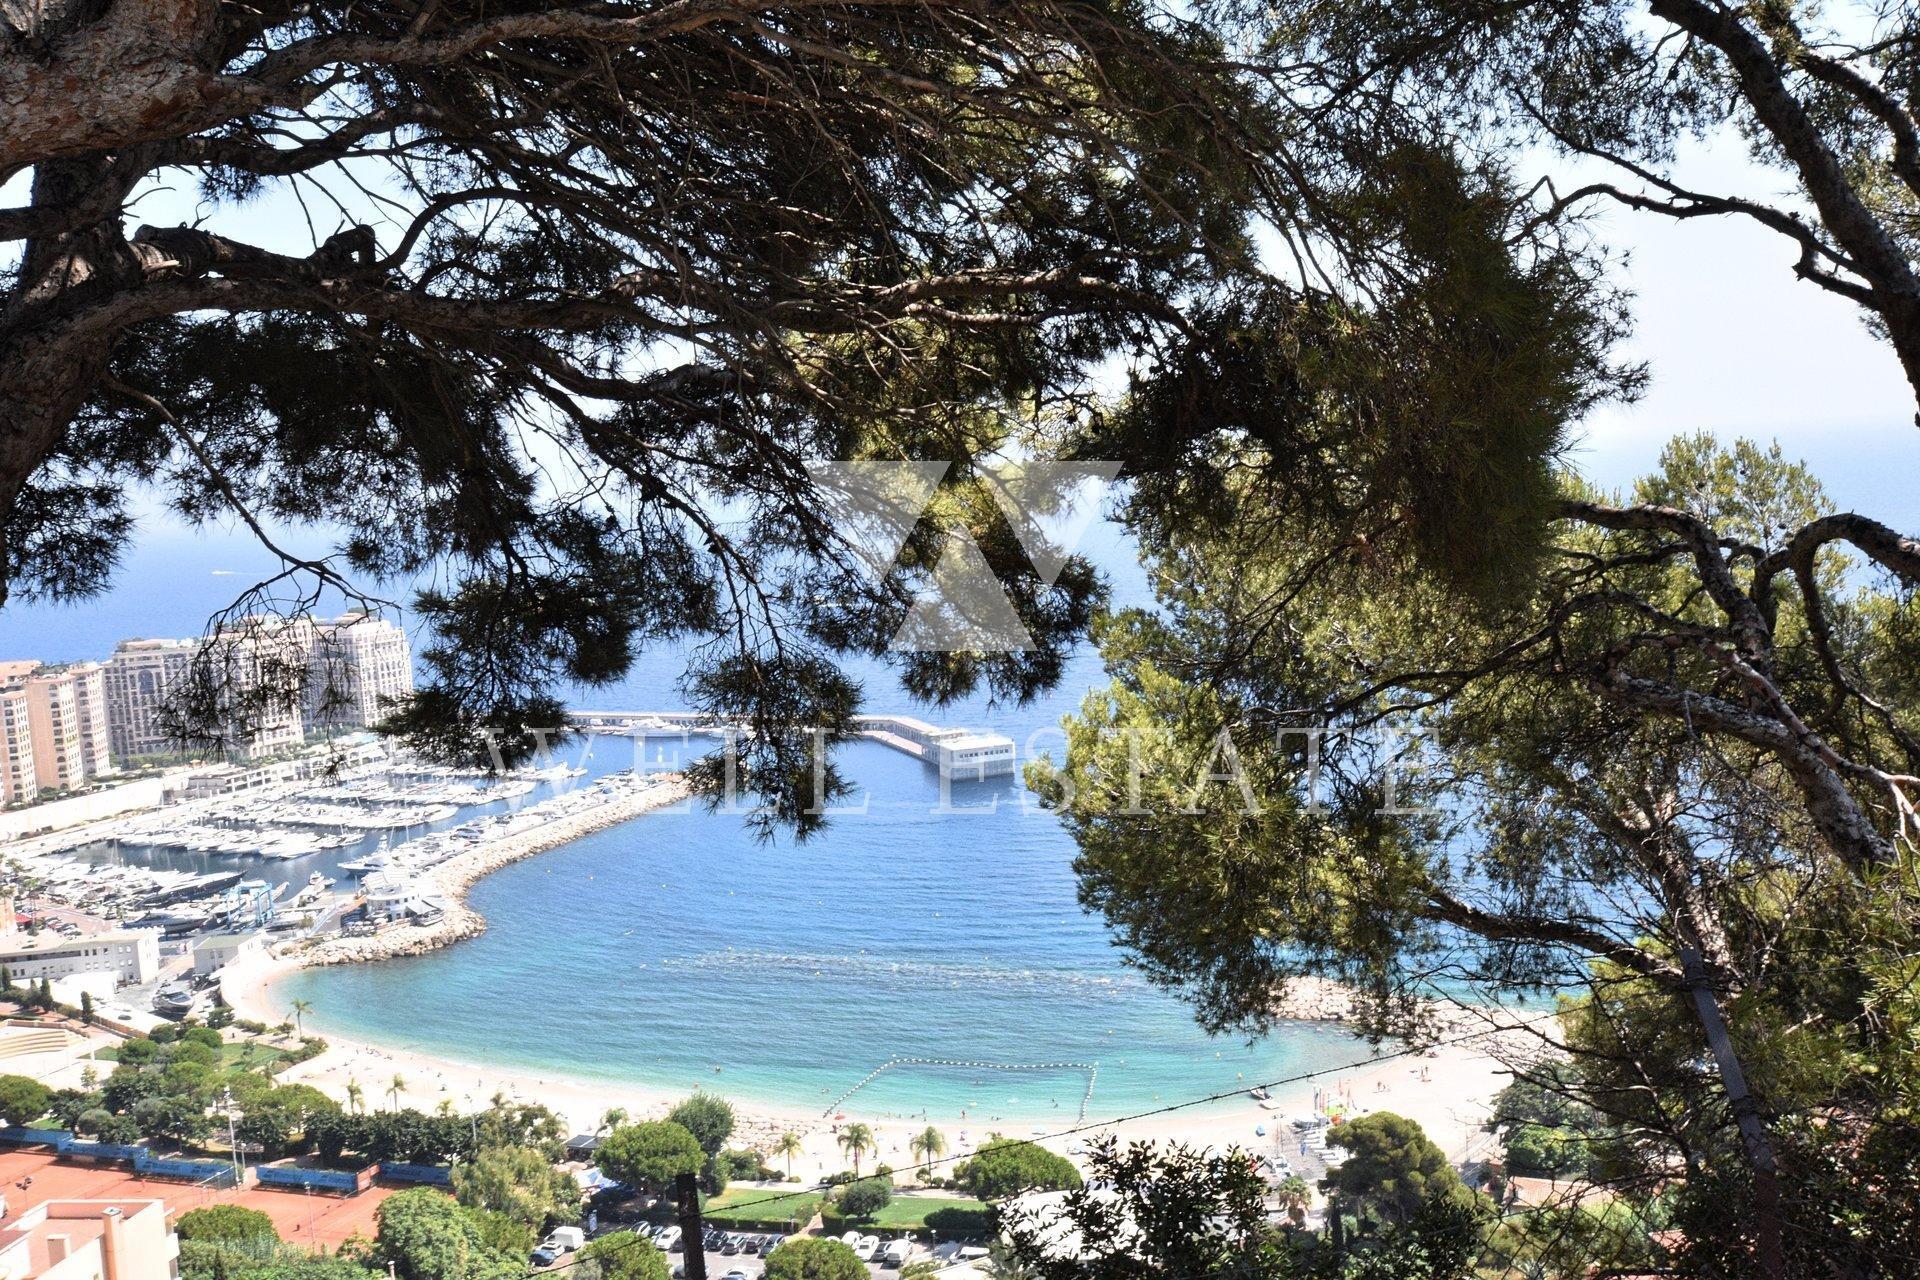 Кап д'Ай пентхаус площадь 210м2 и 200м2 терасса вид на море 180°